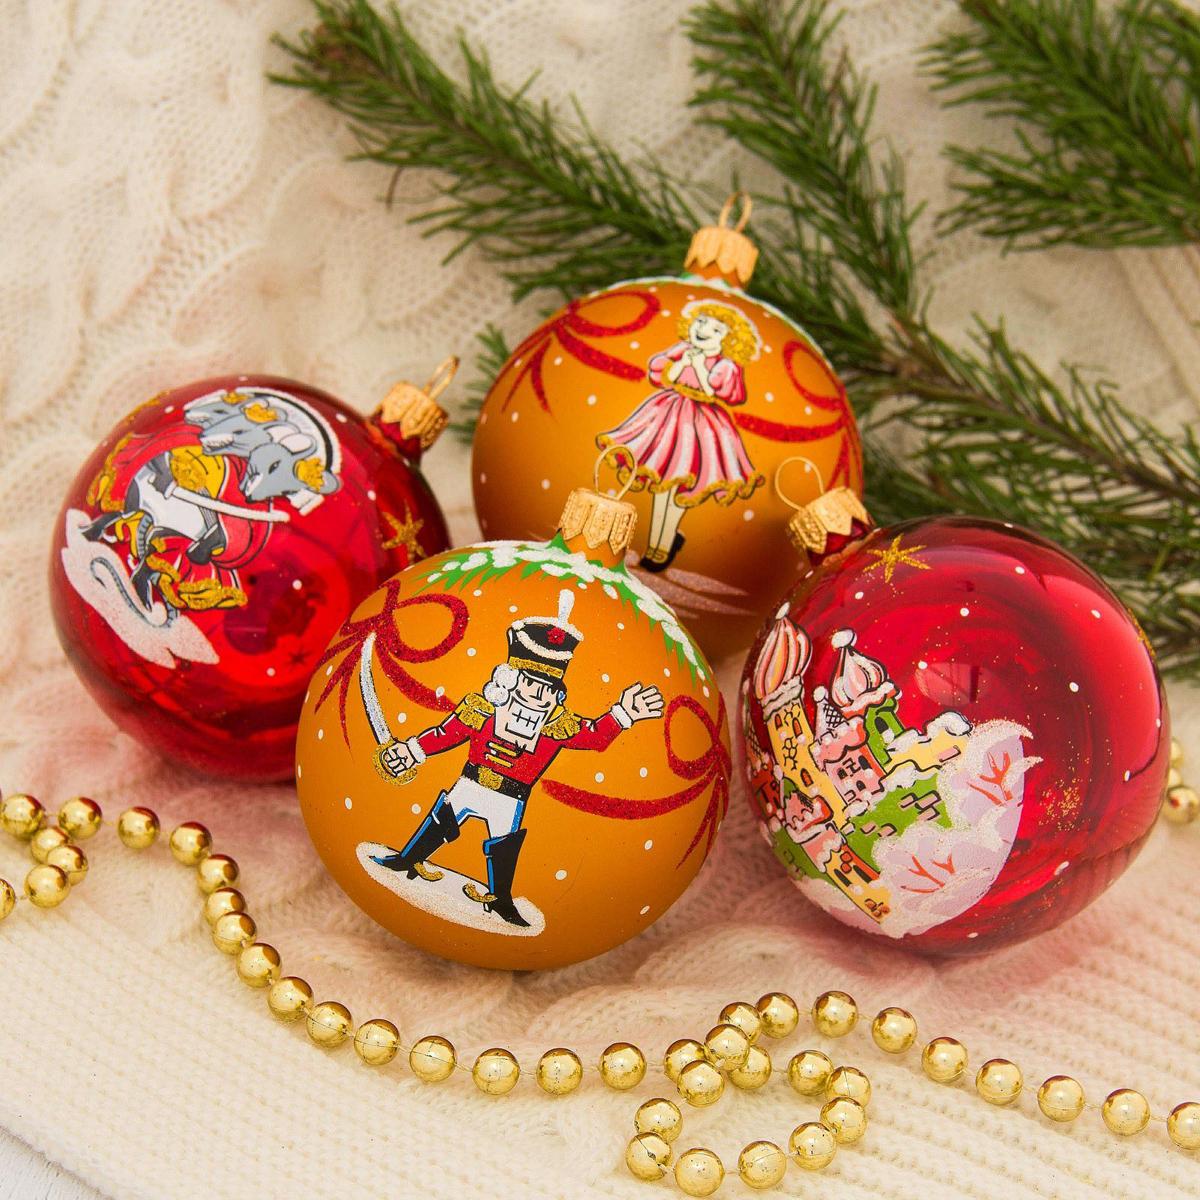 Набор новогодних подвесных украшений Ёлочка Щелкунчик, диаметр 7,5 см, 4 шт2564845Невозможно представить нашу жизнь без праздников! Мы всегда ждём их и предвкушаем, обдумываем, как проведём памятный день, тщательно выбираем подарки и аксессуары, ведь именно они создают и поддерживают торжественный настрой.